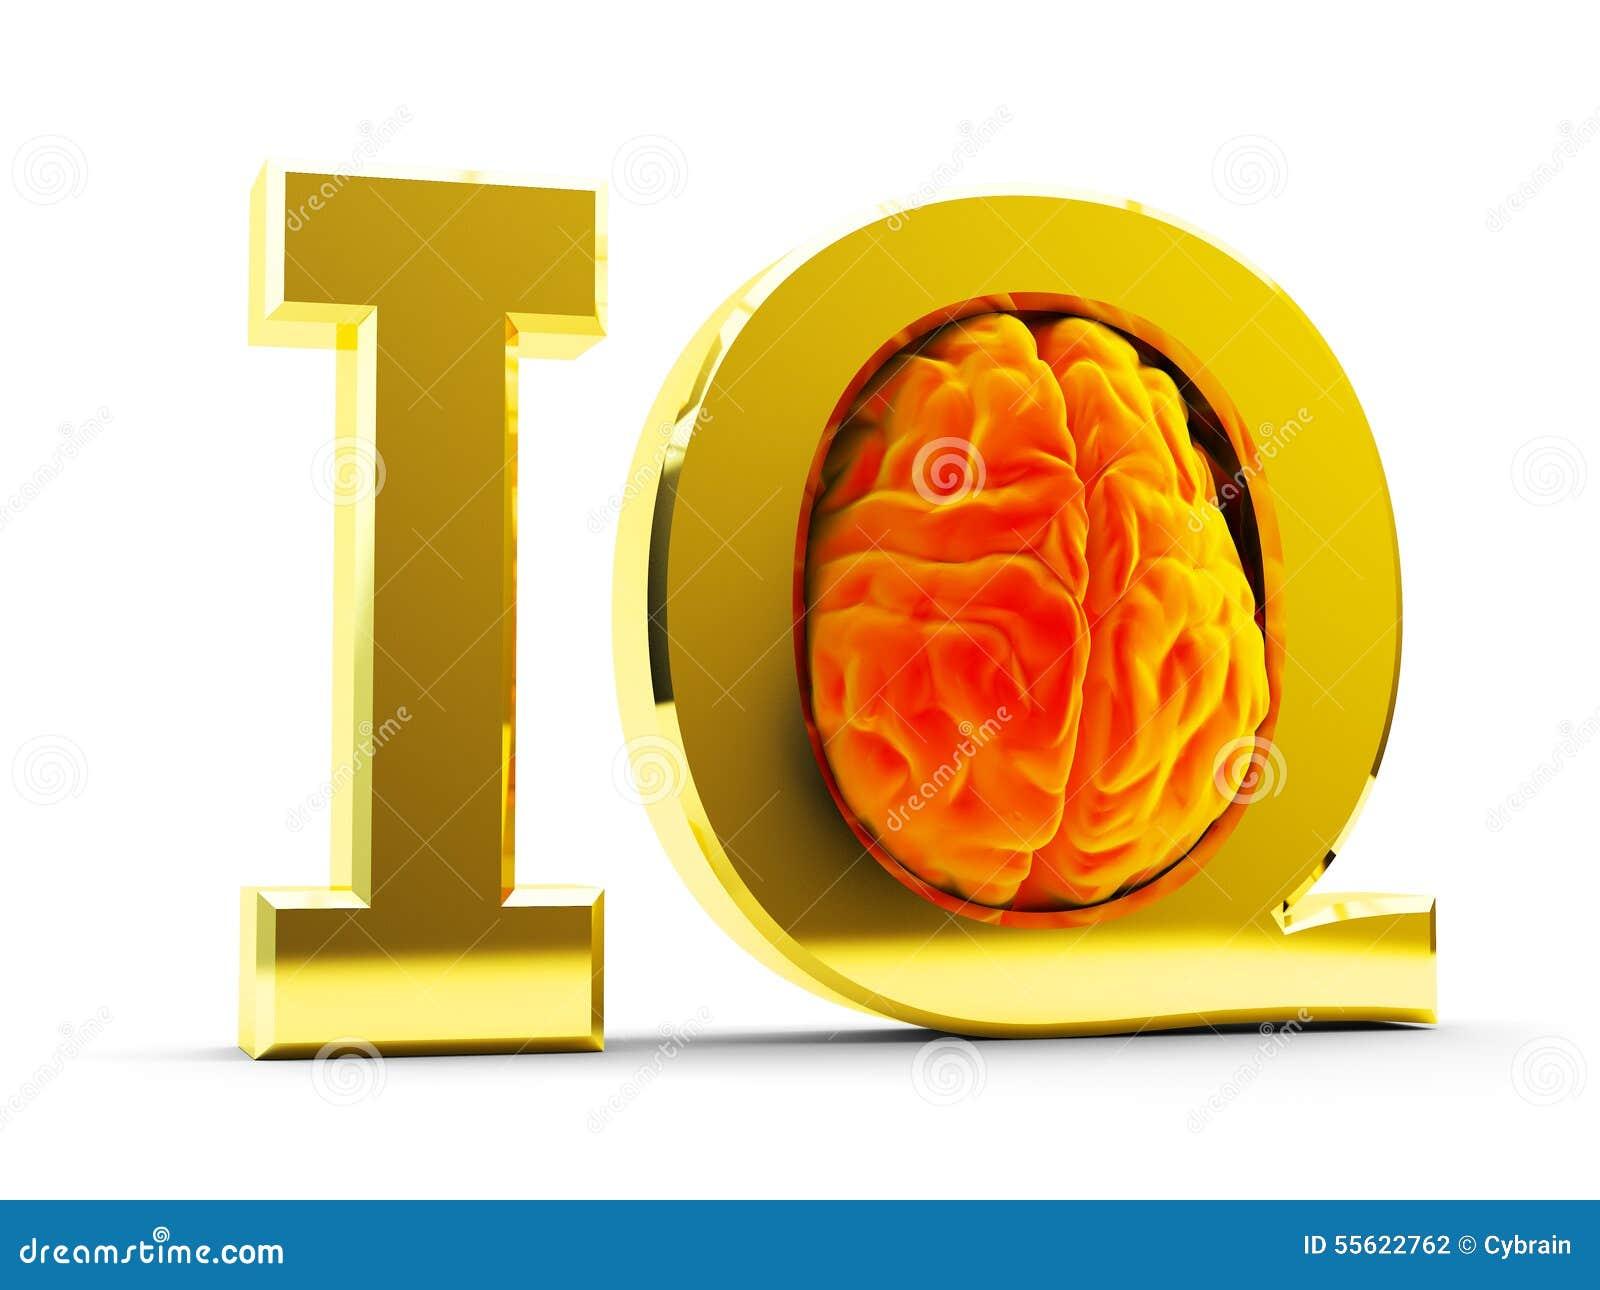 Intelligence Quotient - IQ: Origin, Factors, and Types